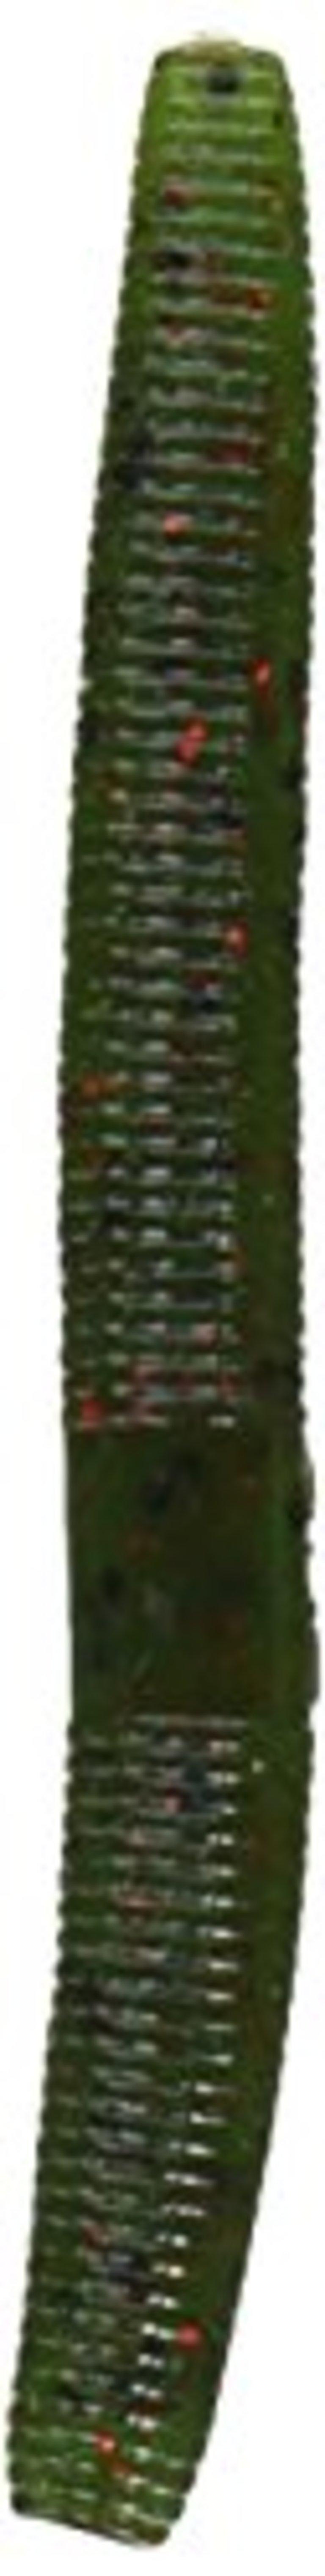 W768 a3f5f2a8 cf2f 422f 9ad7 c3e7345342f1